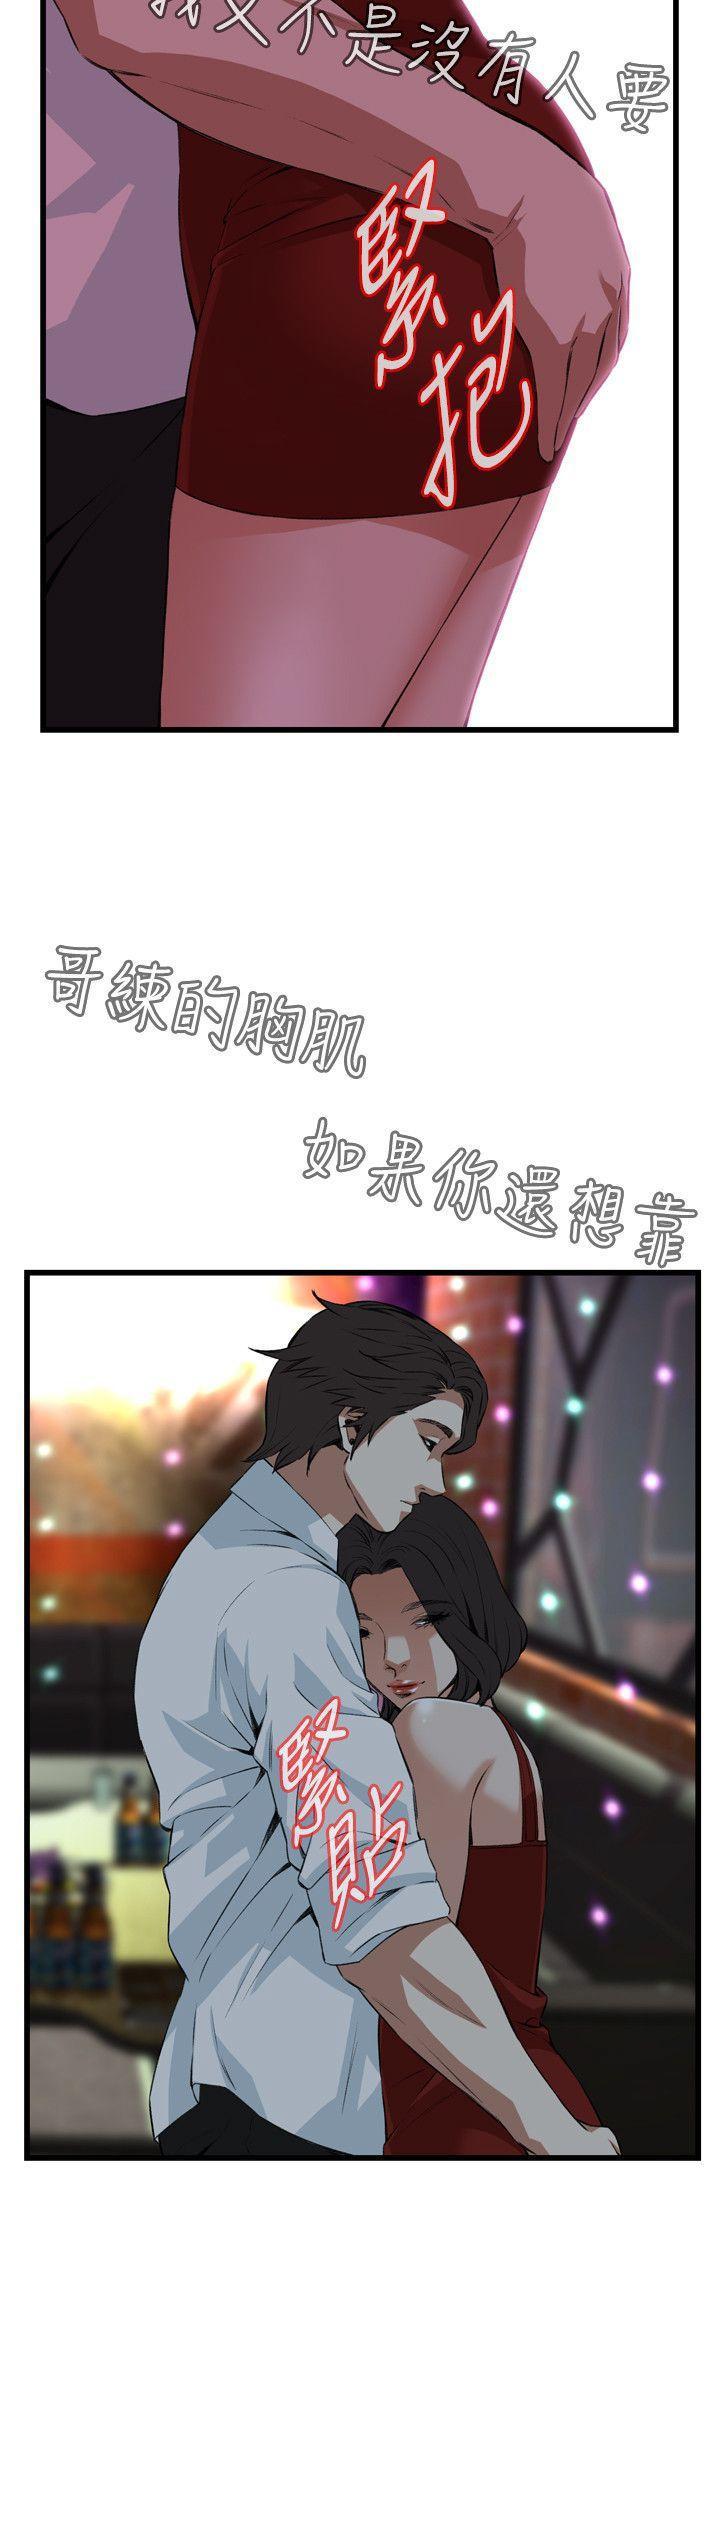 偷窥72-93 Chinese Rsiky 38